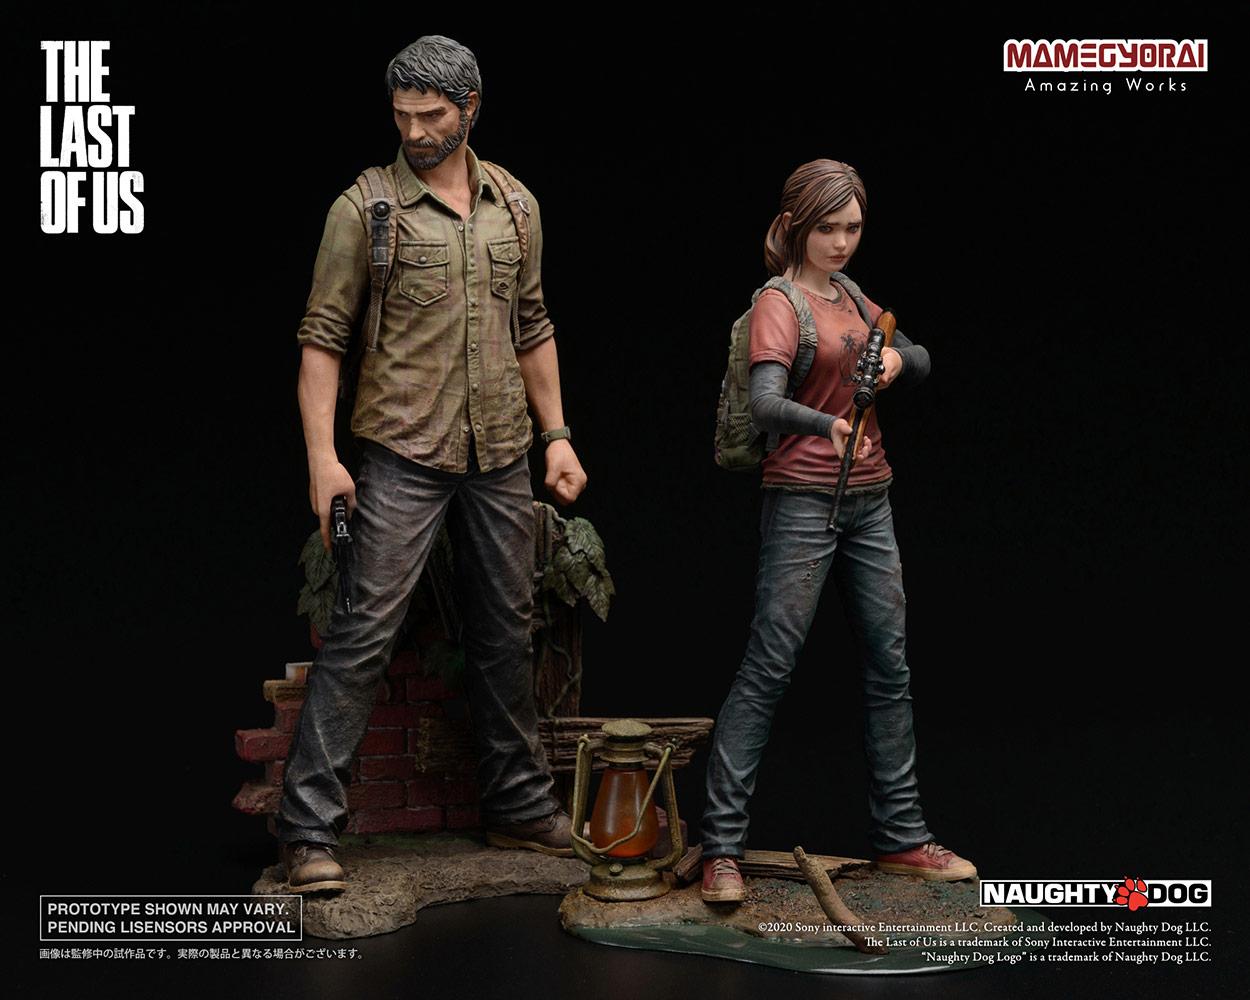 แฟน The Last of Us